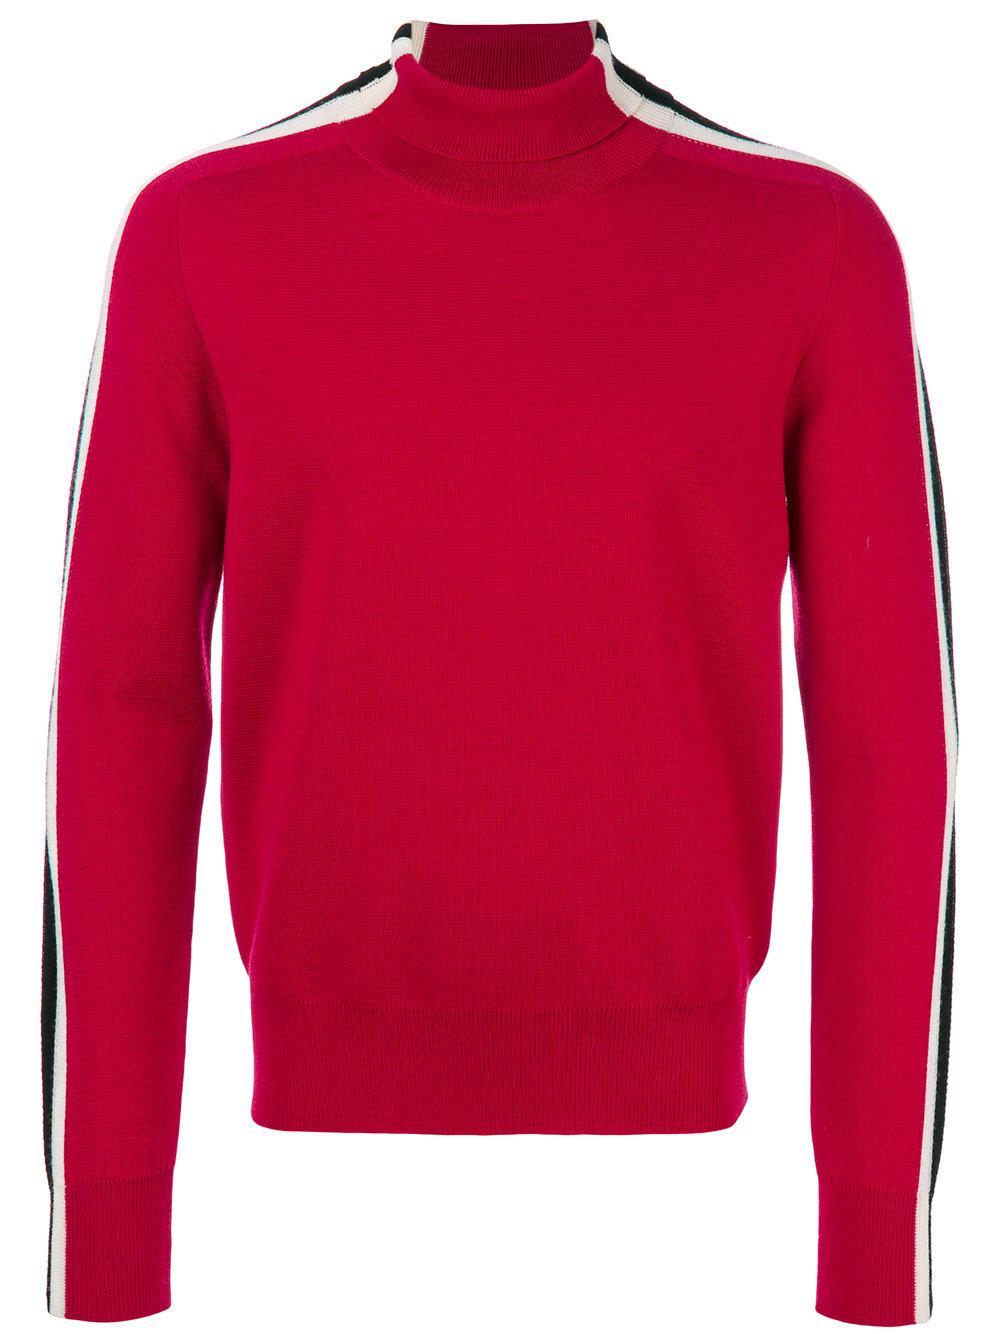 Find great deals on eBay for vintage ski jumper. Shop with confidence.